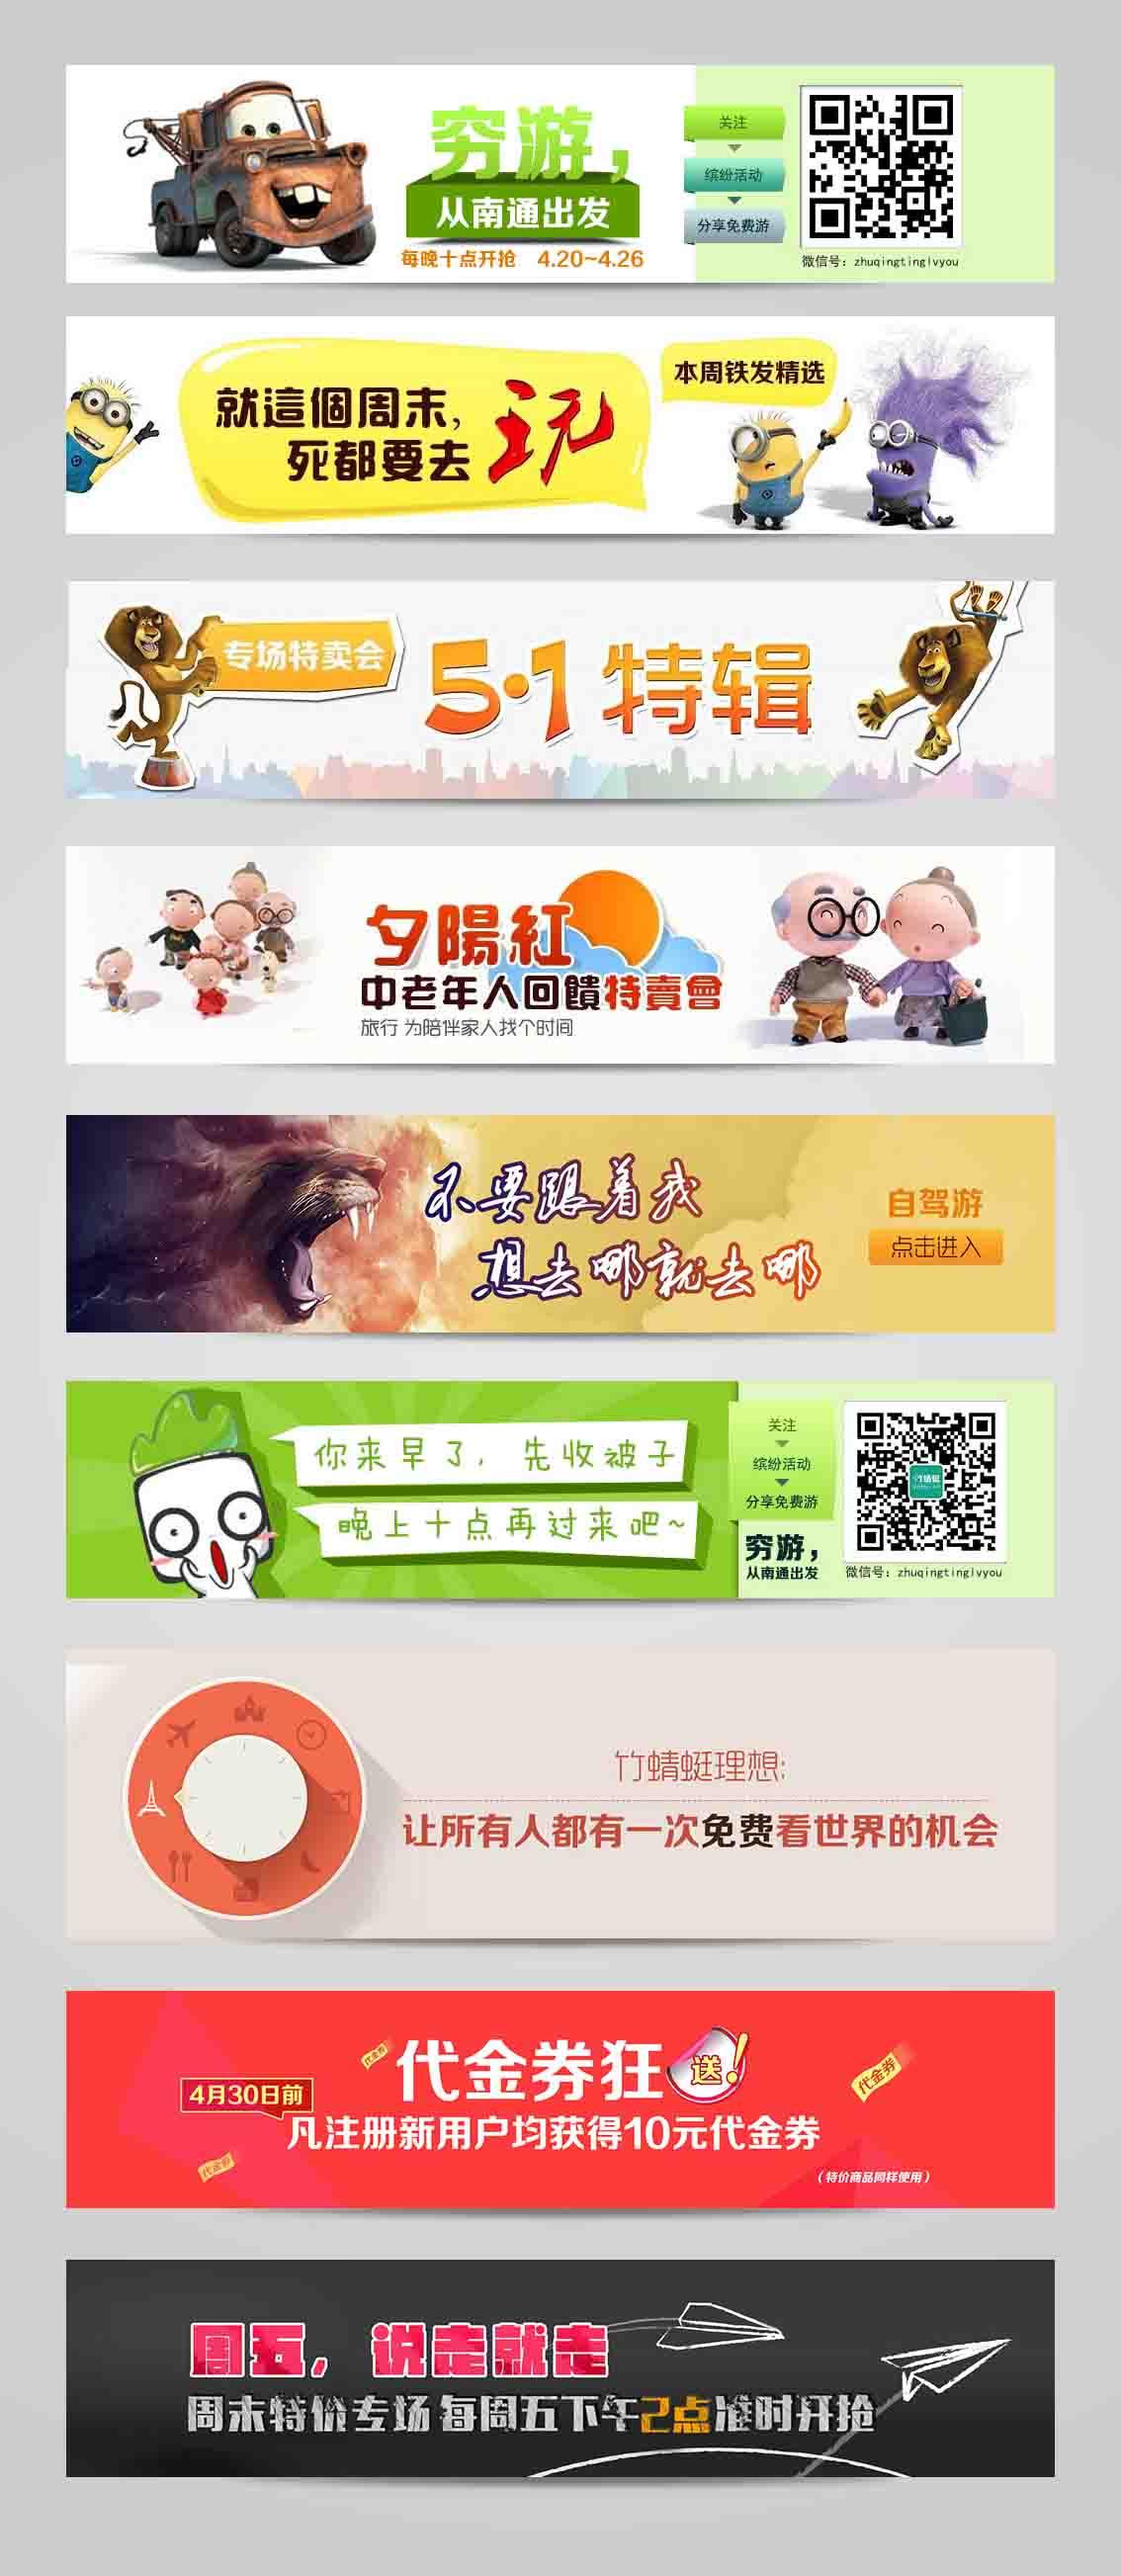 网页banner-旅游网站首页轮播图设计